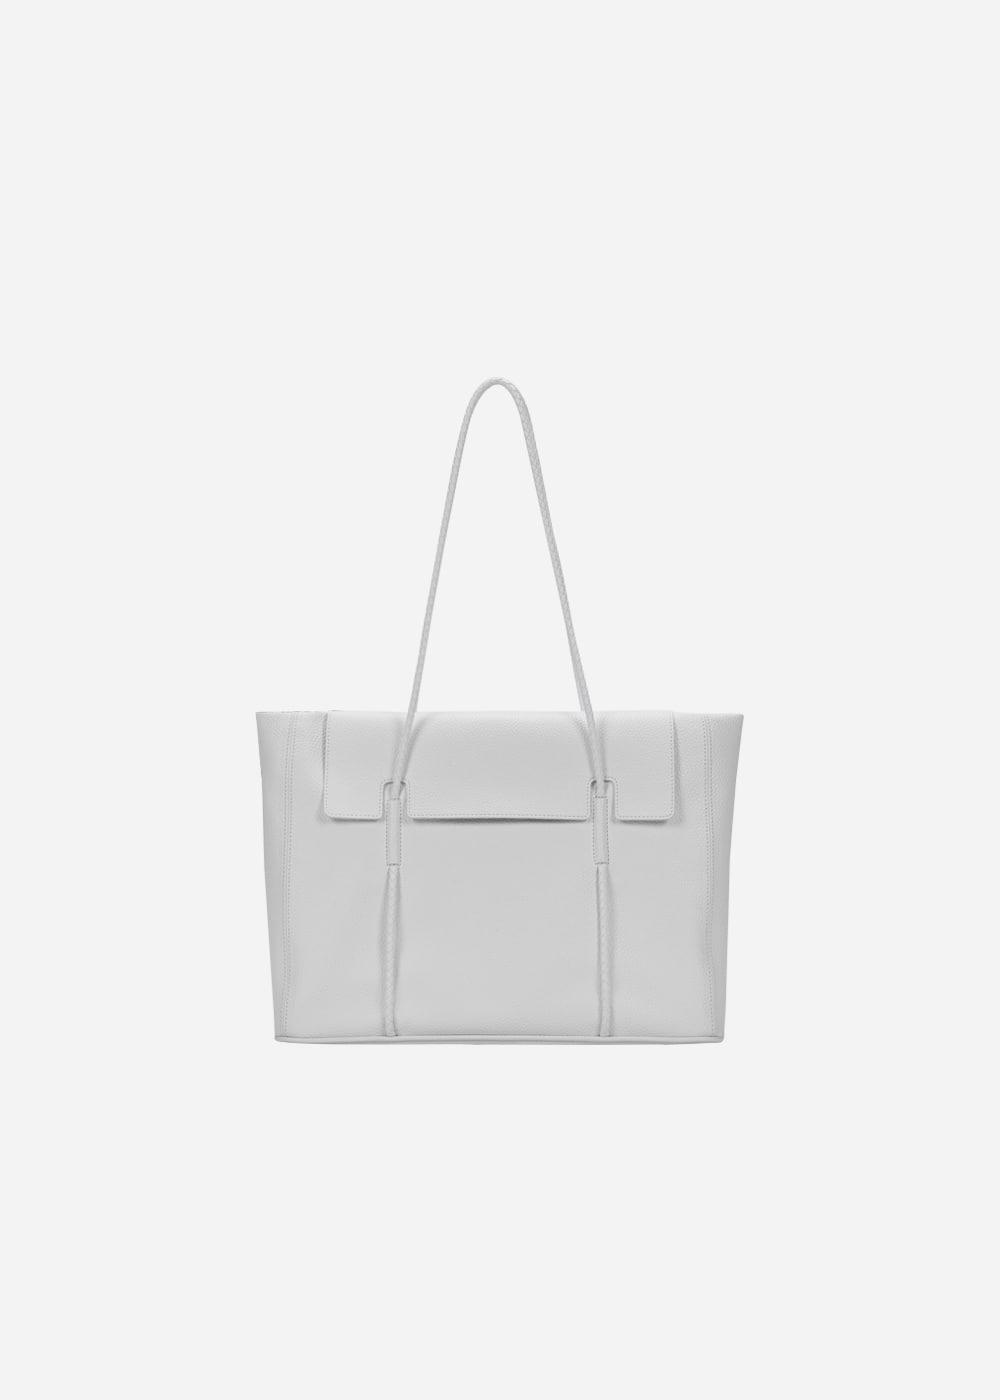 Norah Bag White Medium